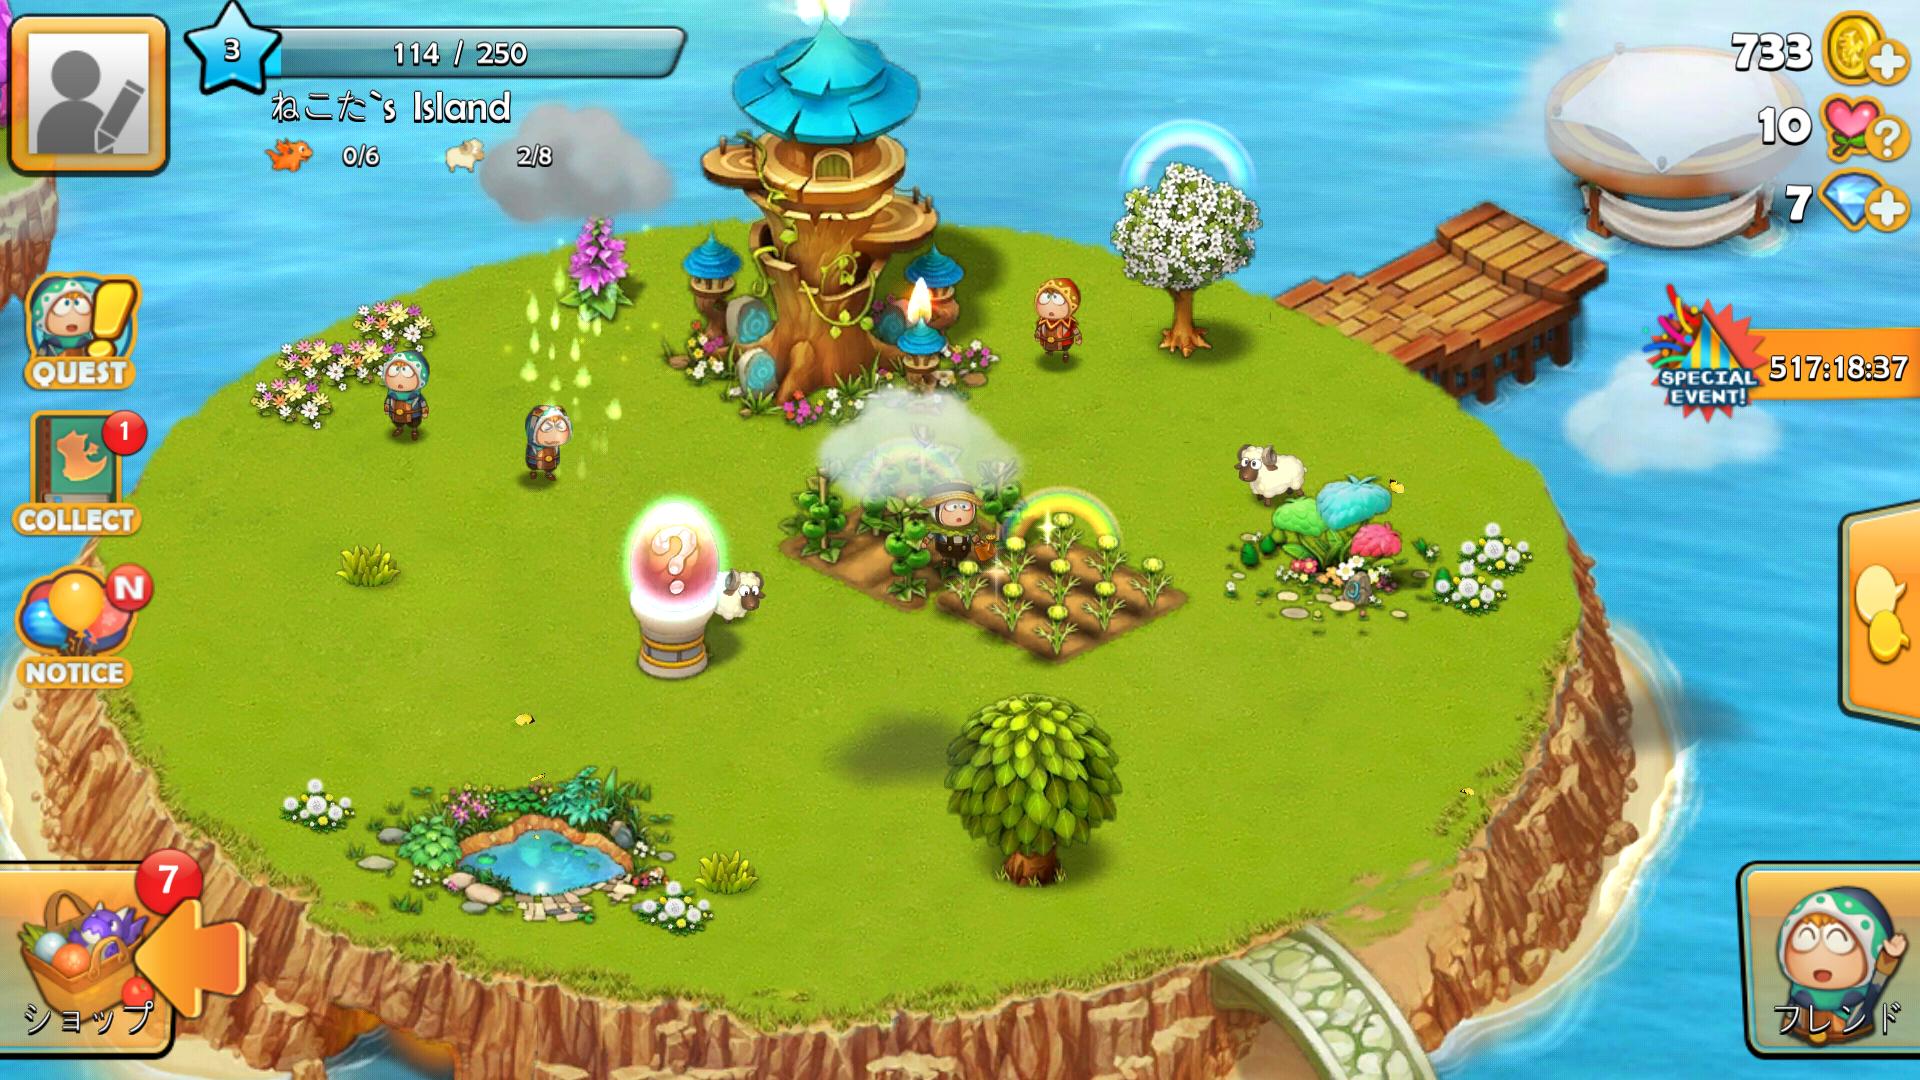 ドラゴンの友達:緑の魔女 androidアプリスクリーンショット1